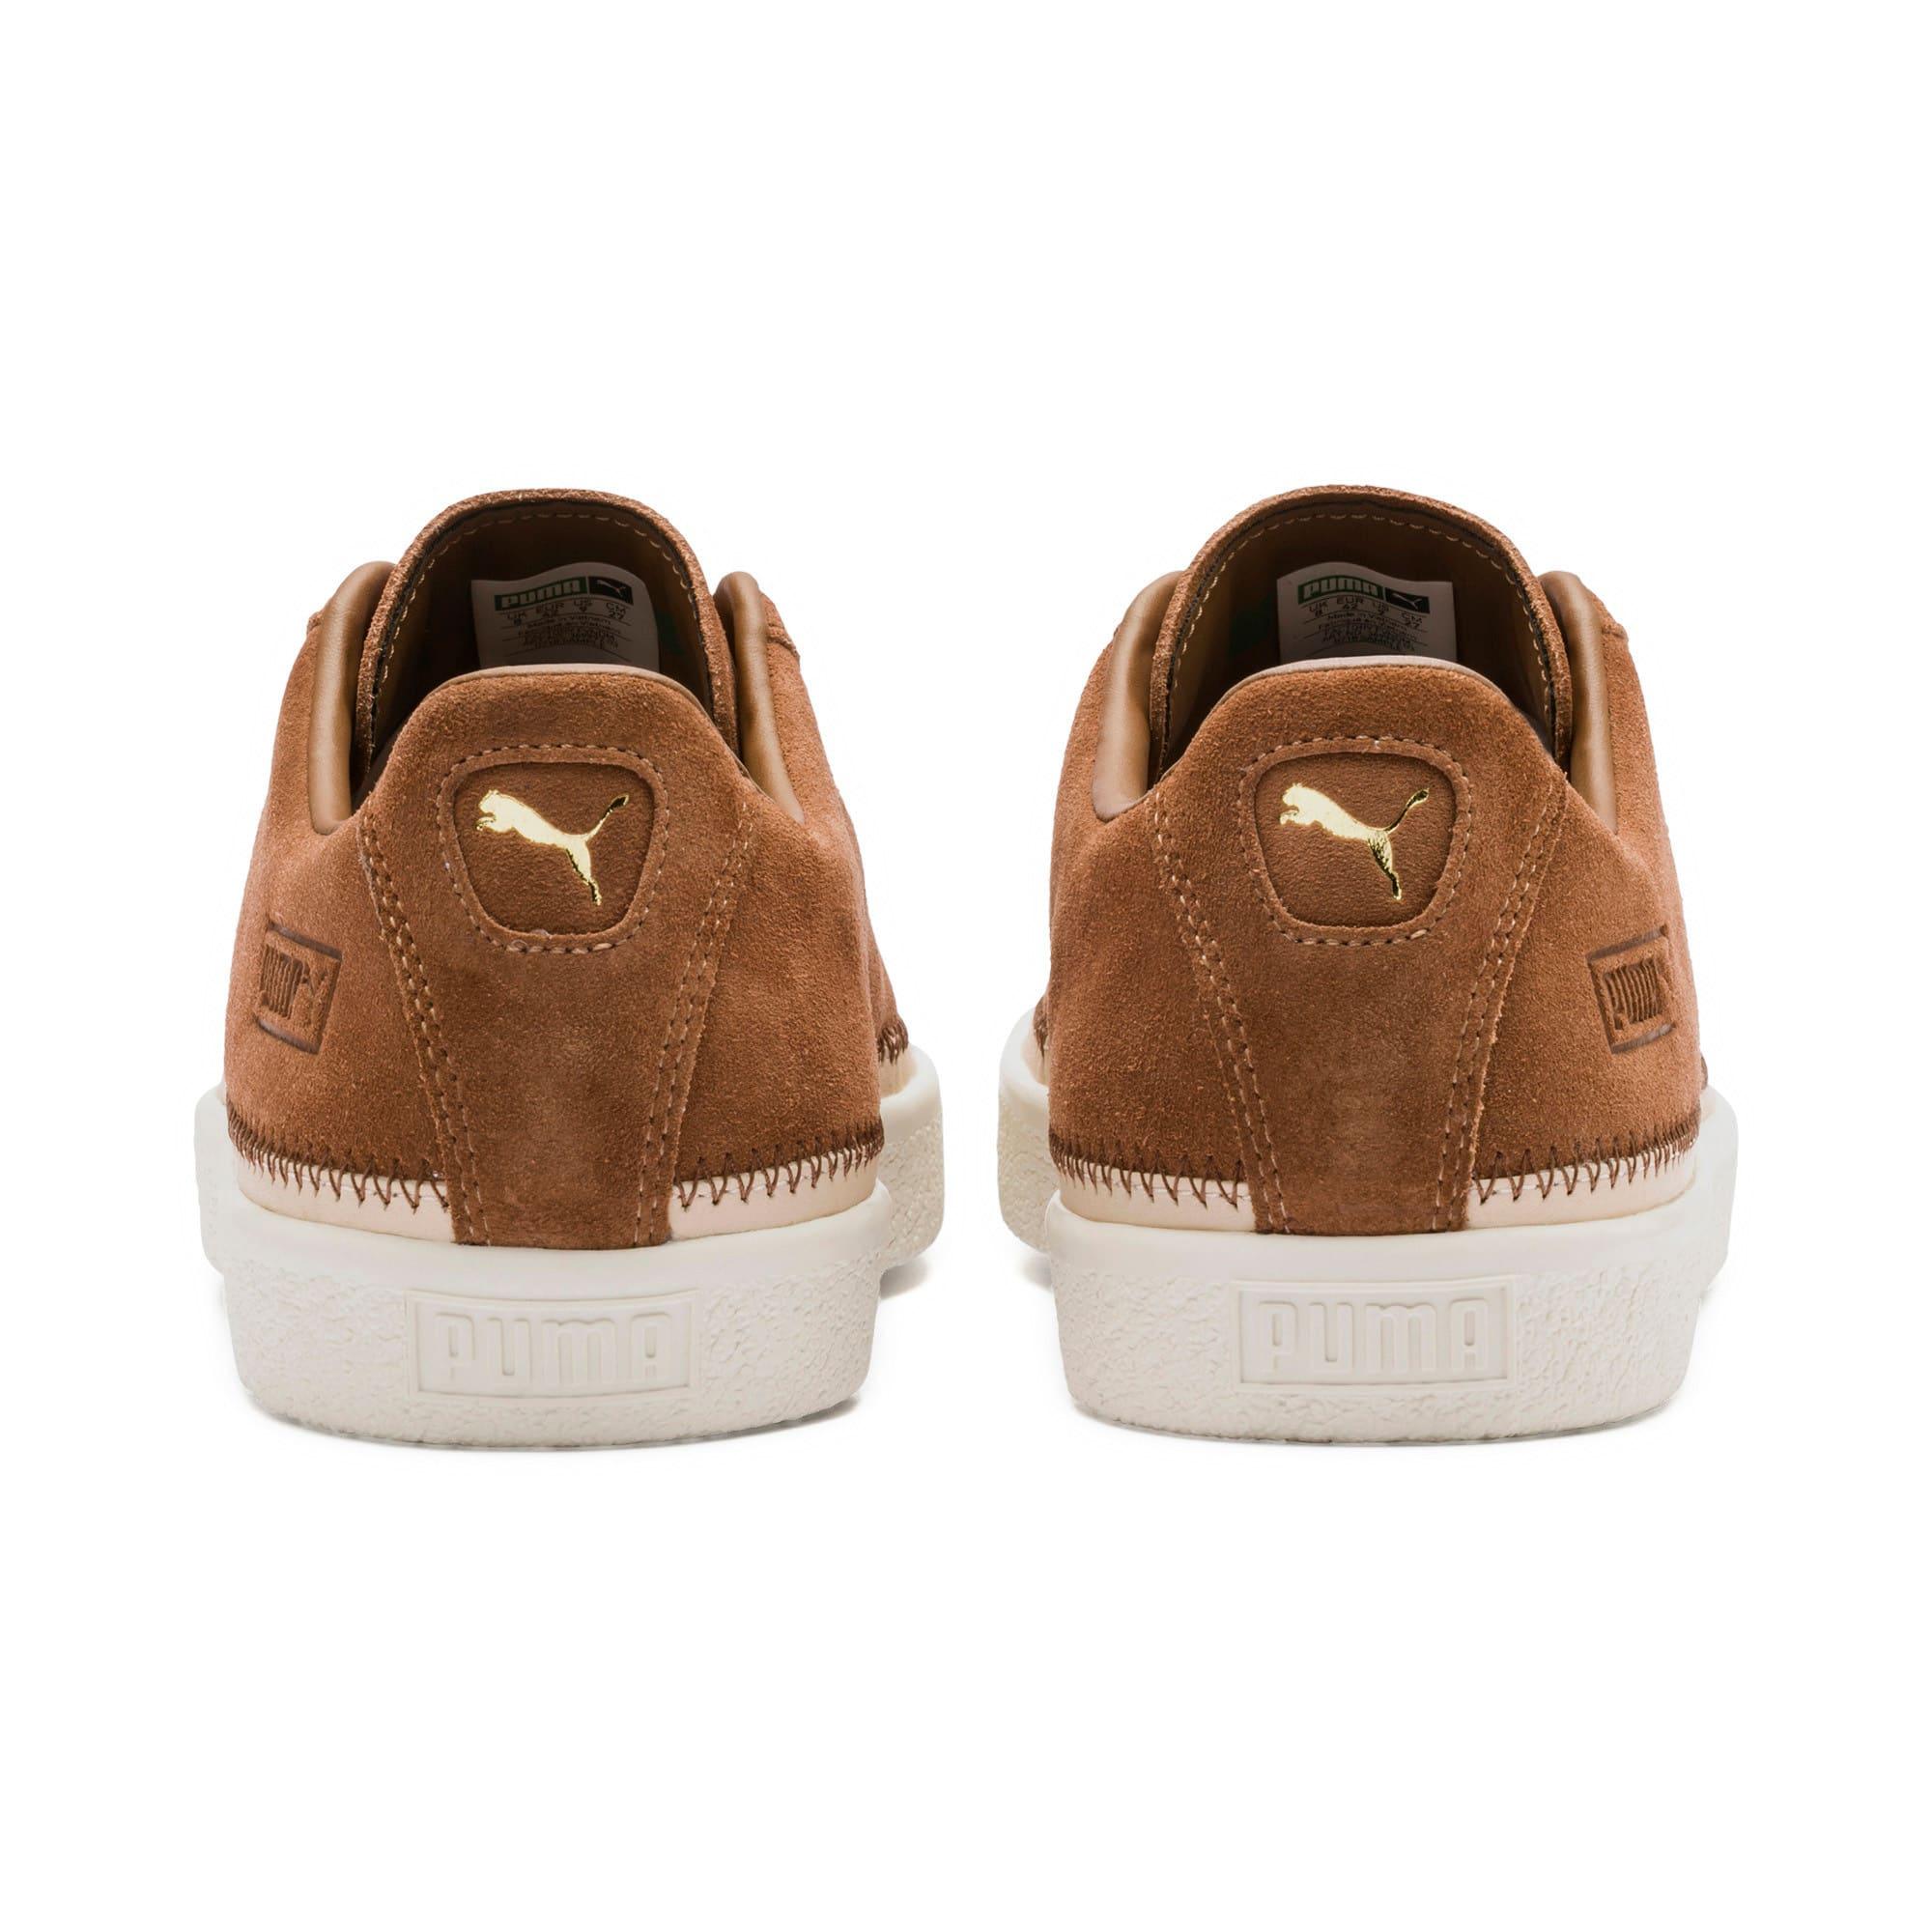 Miniatura 4 de Zapatos deportivos Suede Trim PRM, Dachsund-Whisper White, mediano